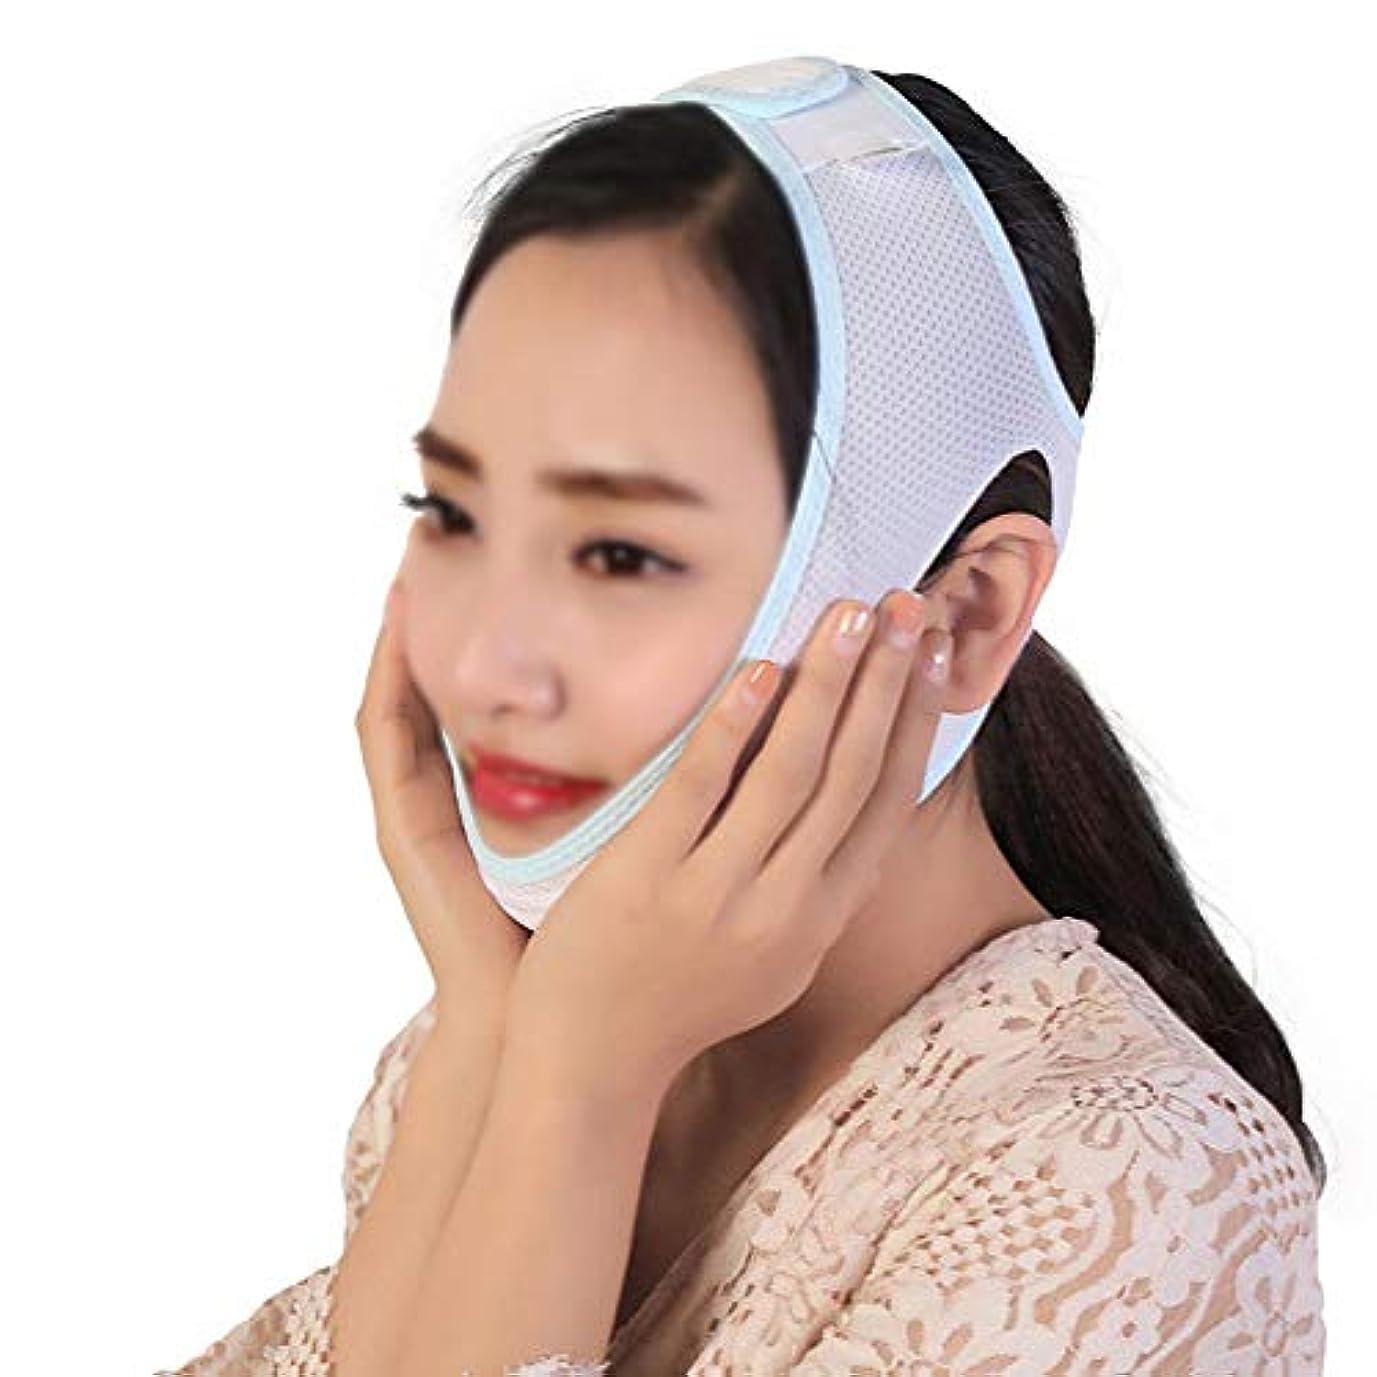 週間ローブバーチャルTLMY ファーミングマスクスモールVフェイスアーティファクトリフティングサーフェスプラスチックマスクコンフォートアップグレード最適化改善顔面カーブ包括的な通気性包帯 顔用整形マスク (Size : M)